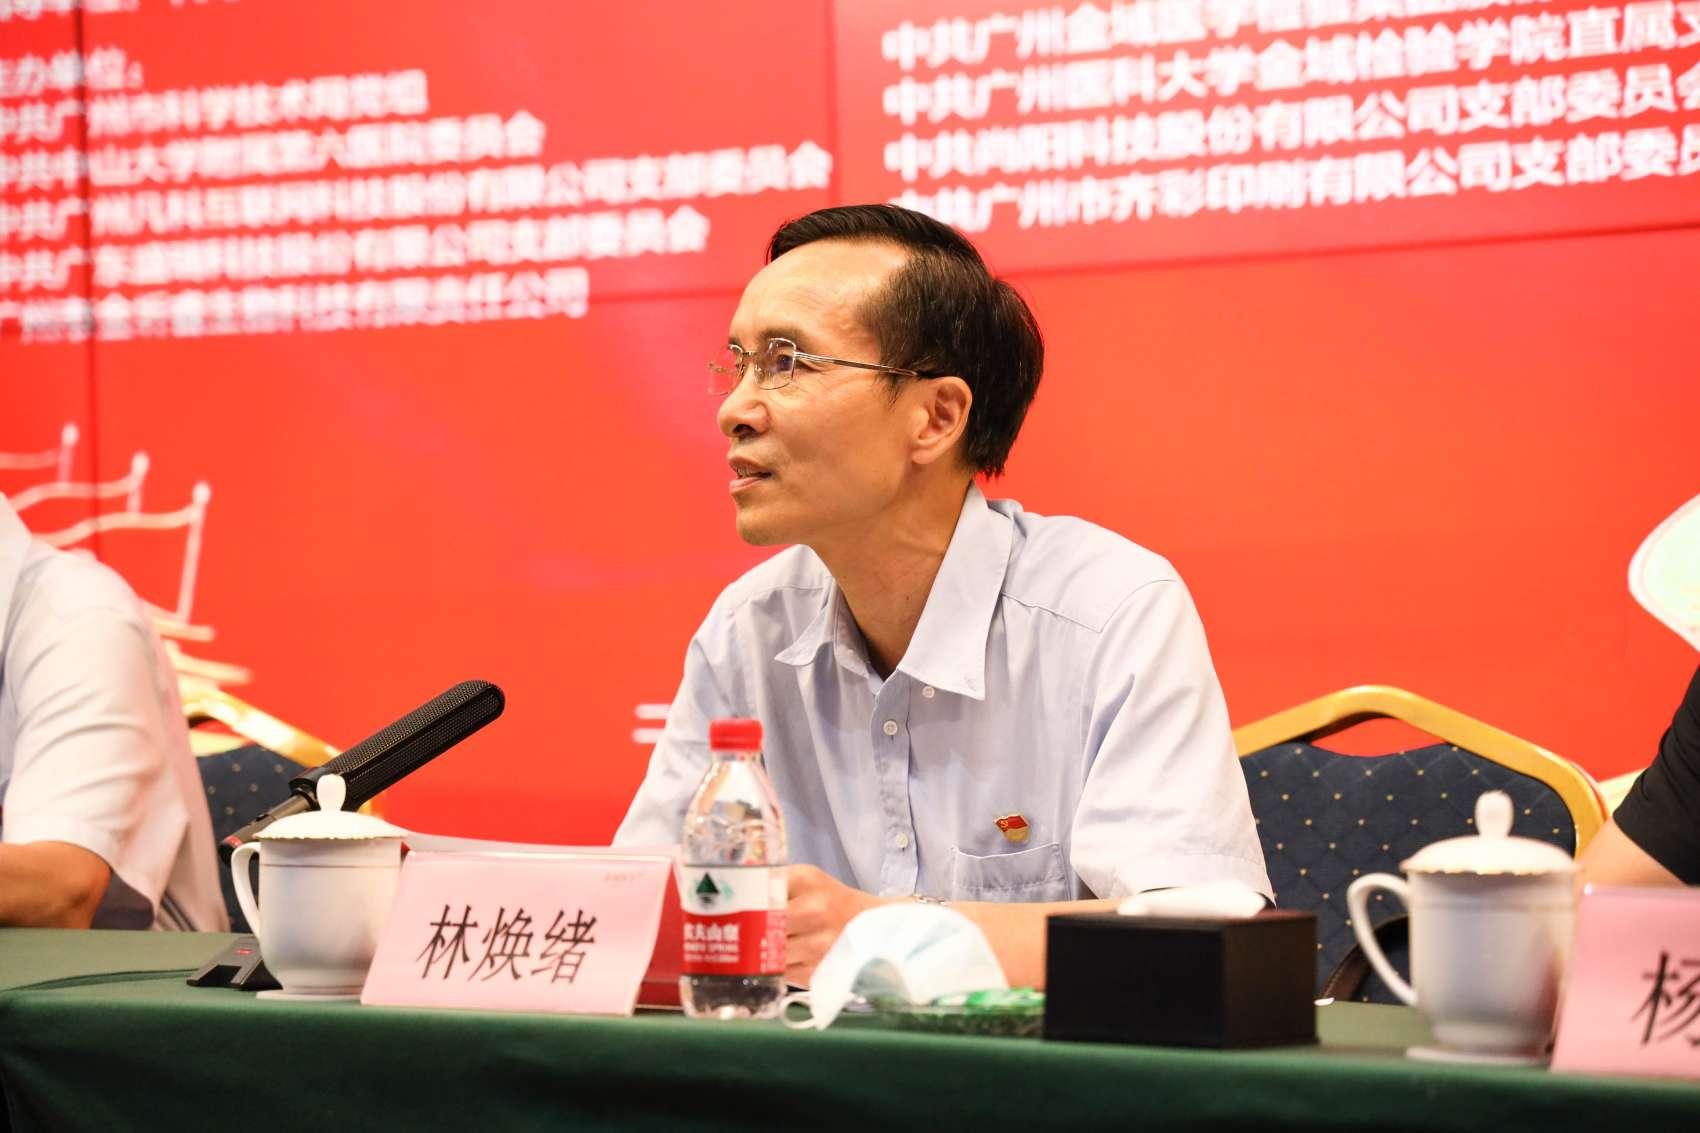 中共广州市科技局党组成员、机关党委书记林焕绪